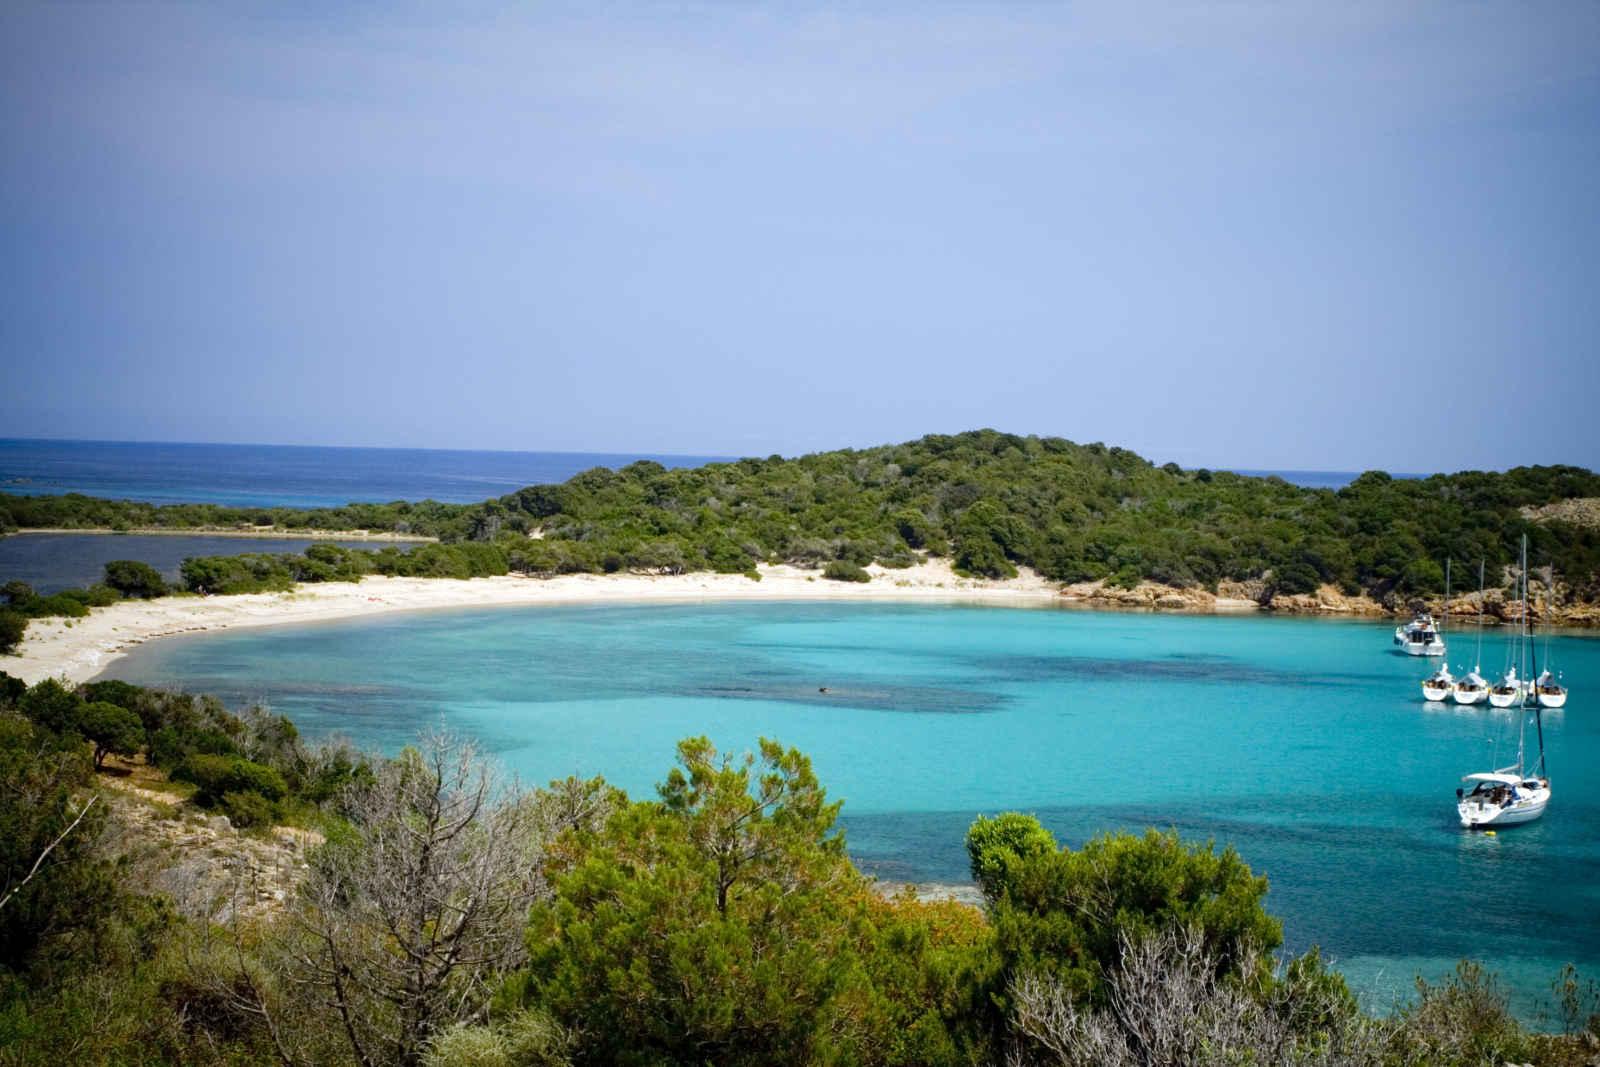 Corse : L'île de beauté révèle des trésors